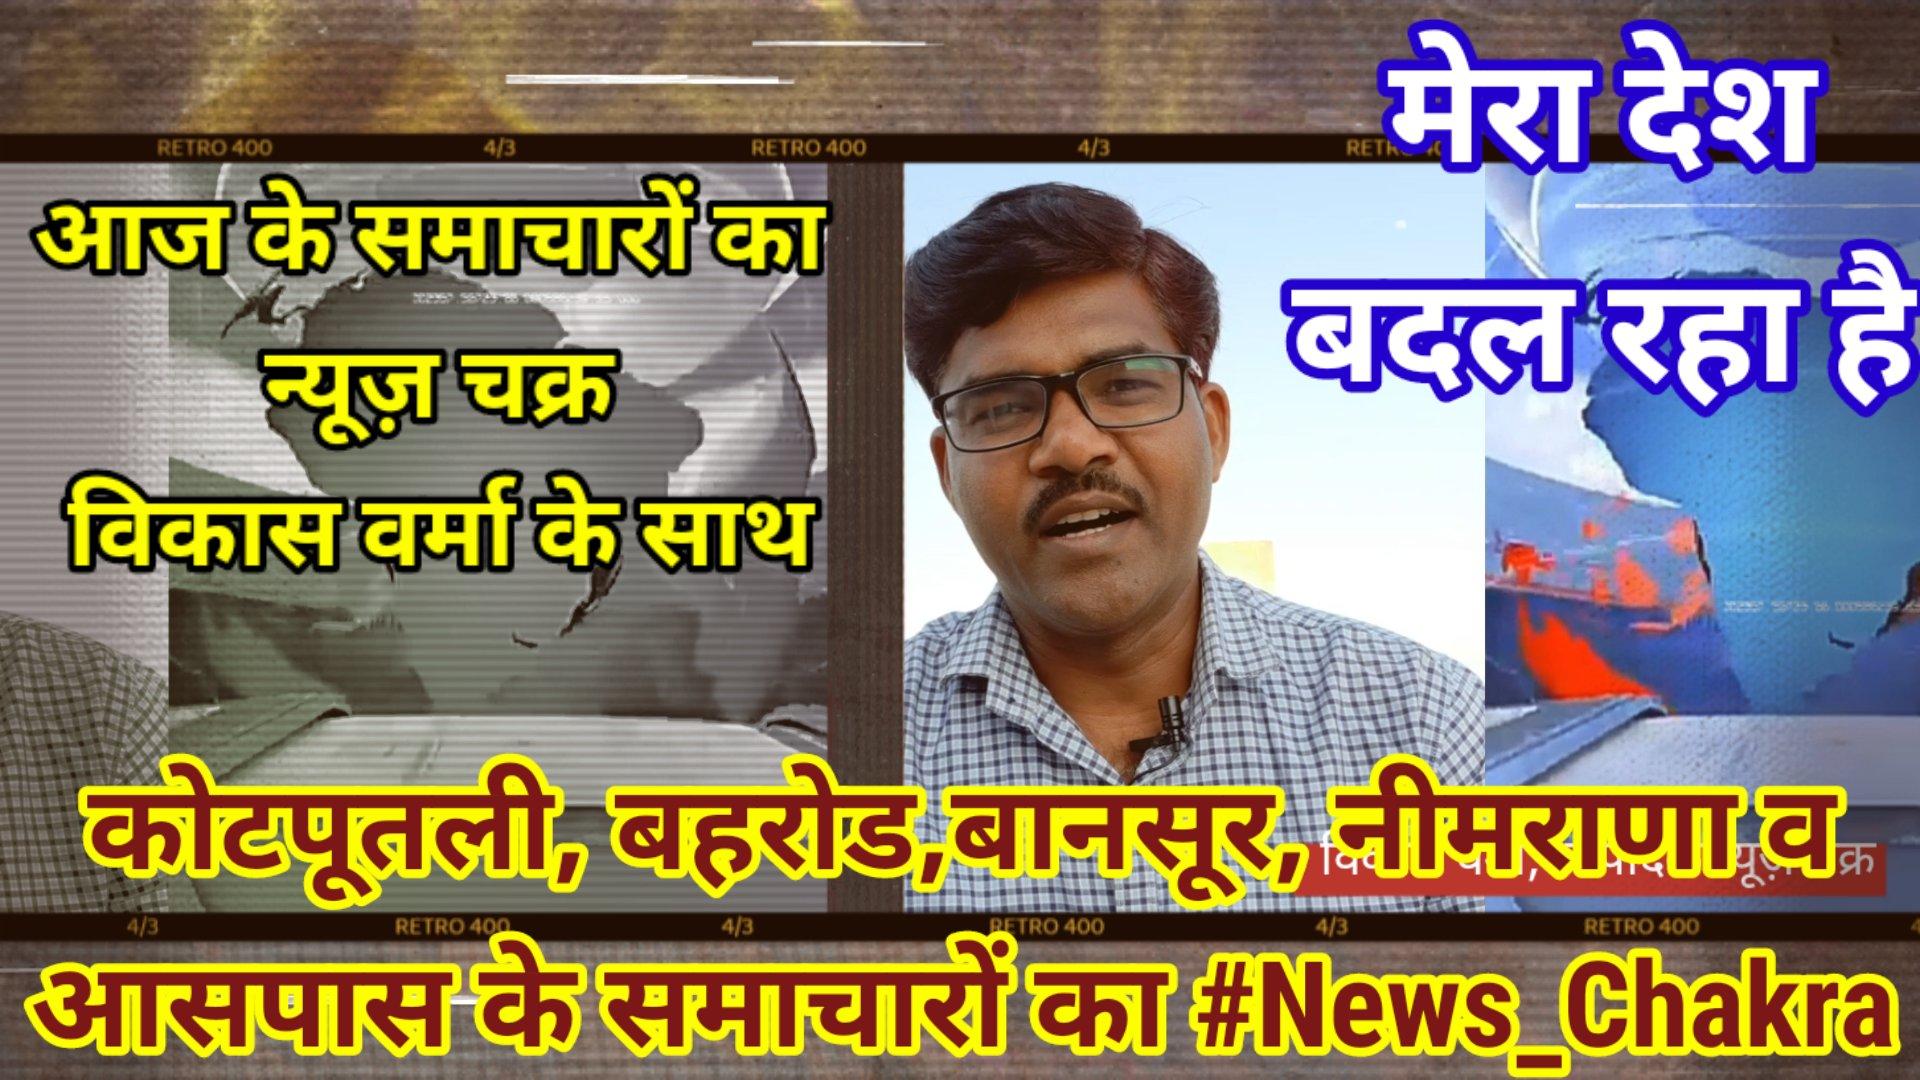 आज के समाचारों का #News_Chakra